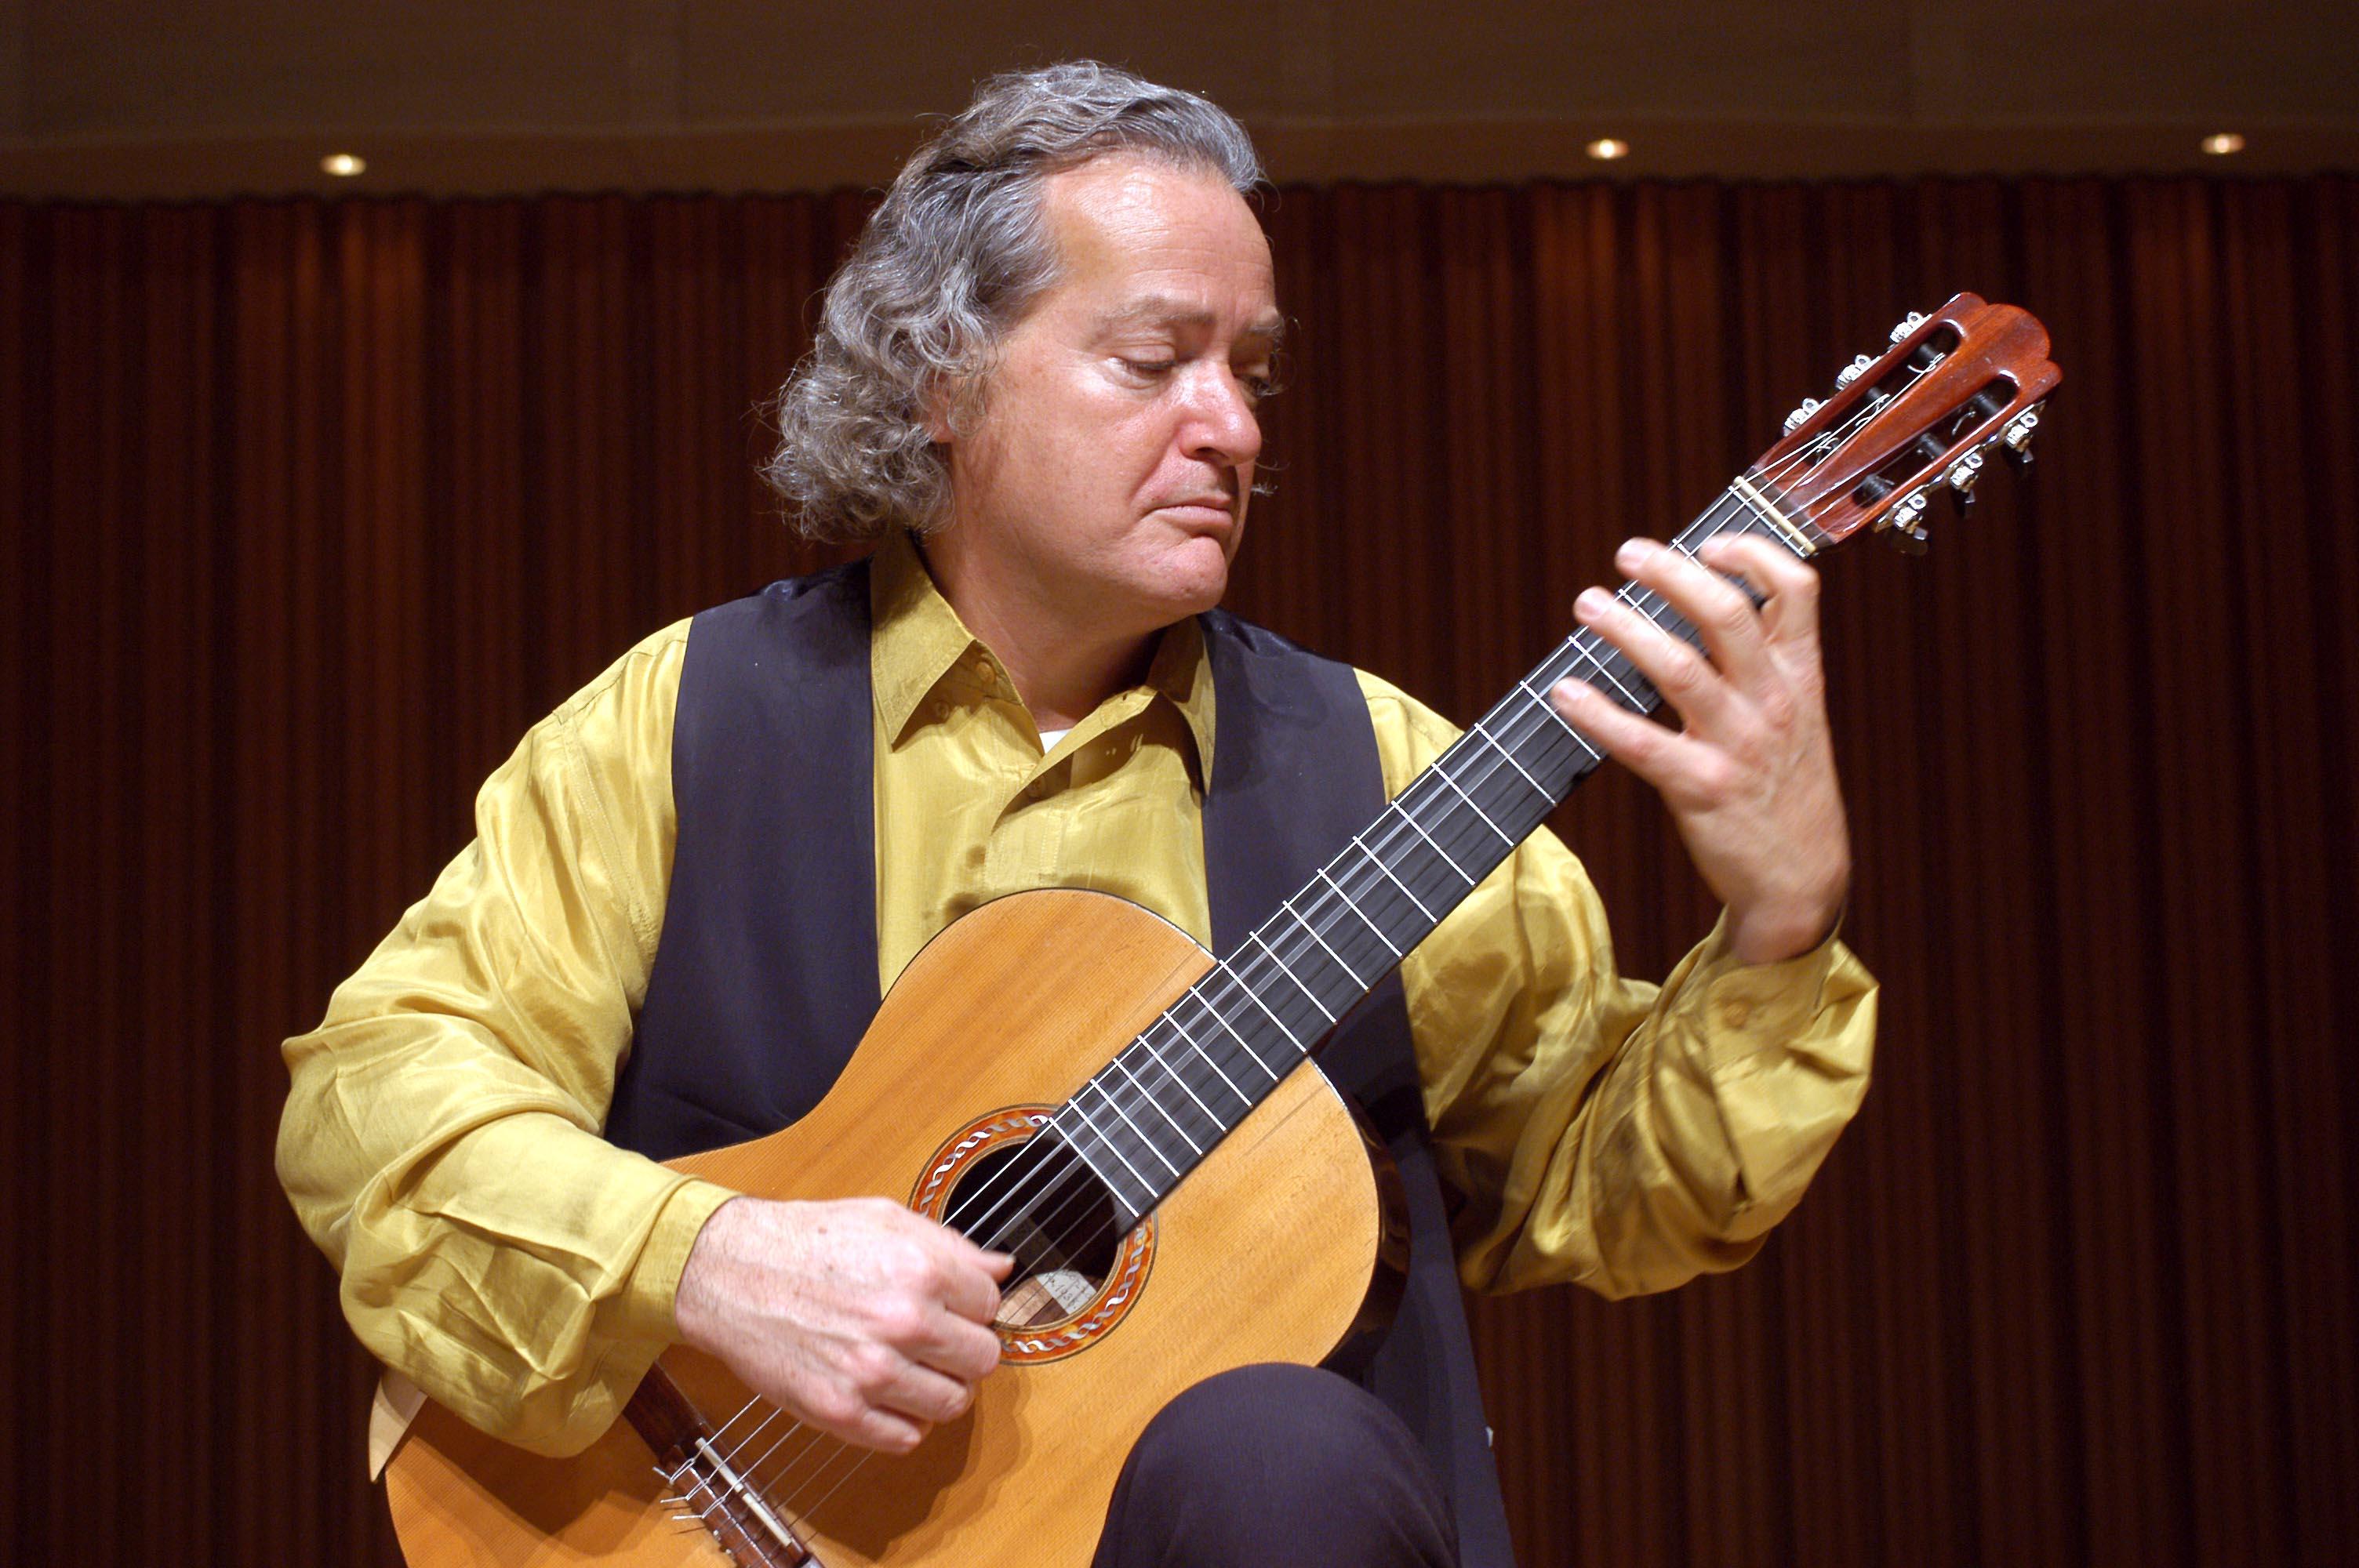 کارلو دومنیکونی؛ آهنگساز چند فرهنگی 1